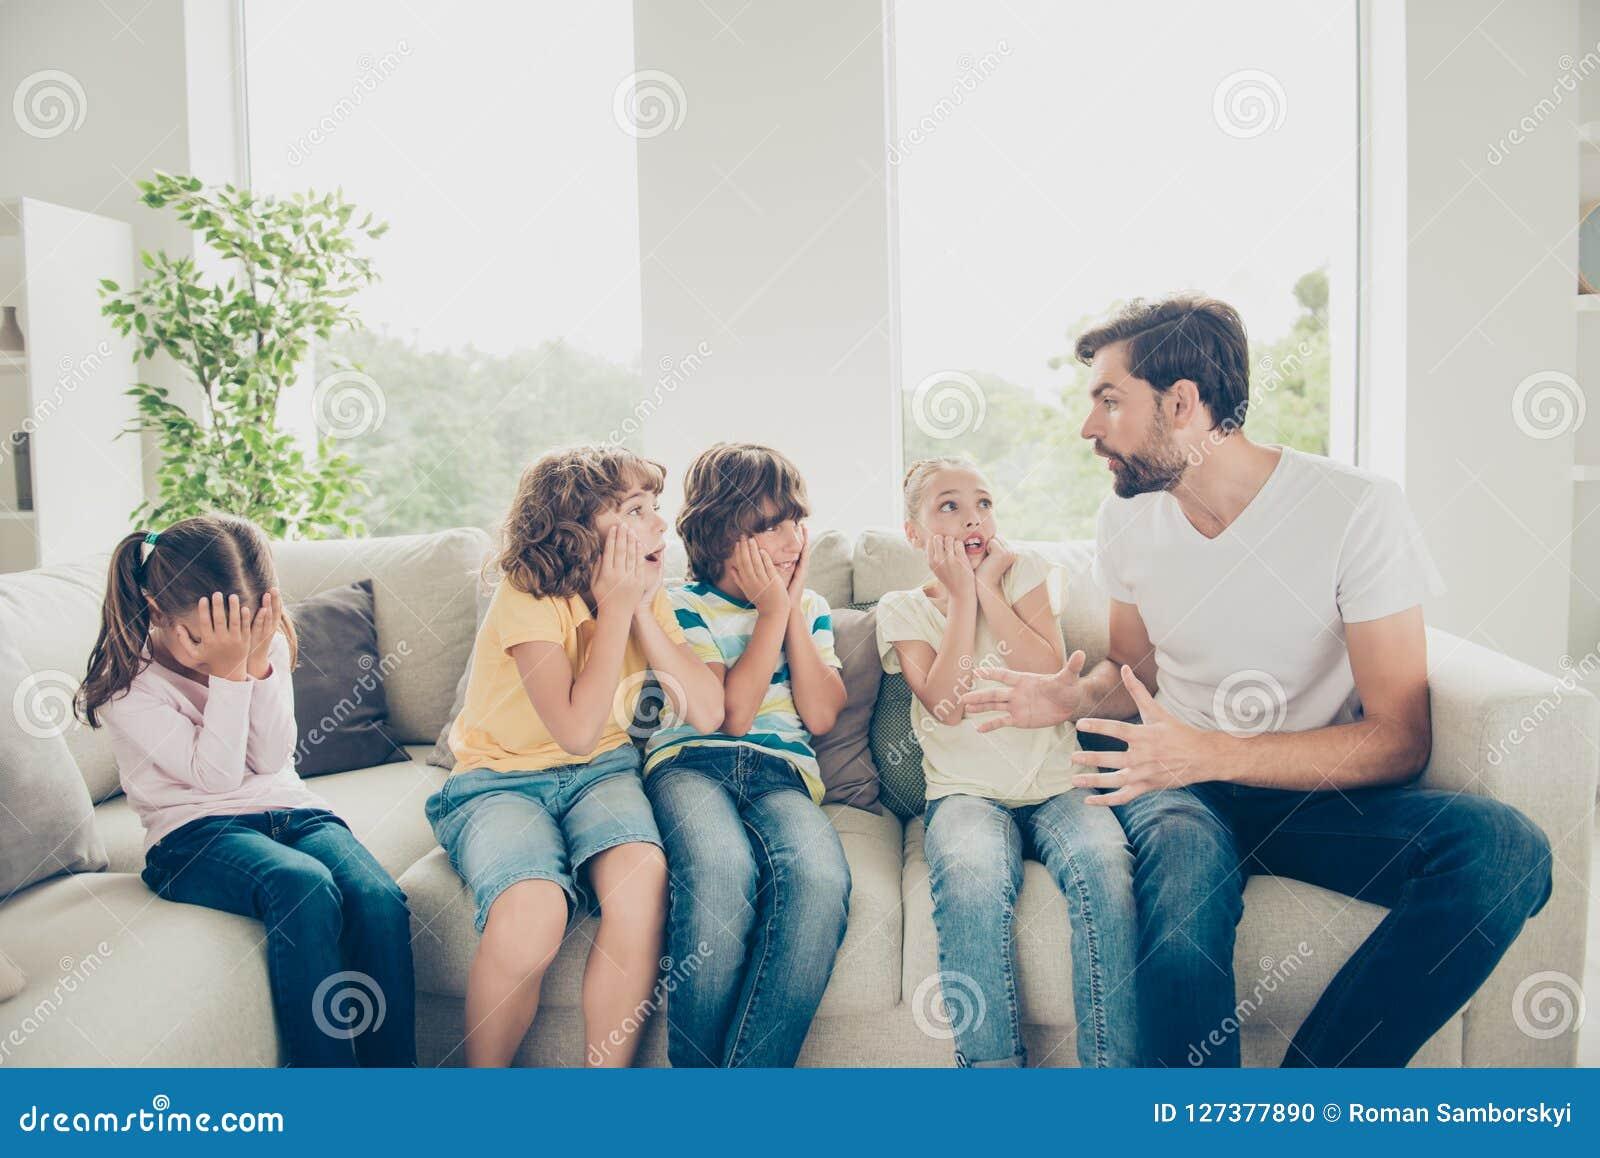 Концепция preteen свободного времени пре-предназначенная для подростков Няня говорит рассказ устрашения